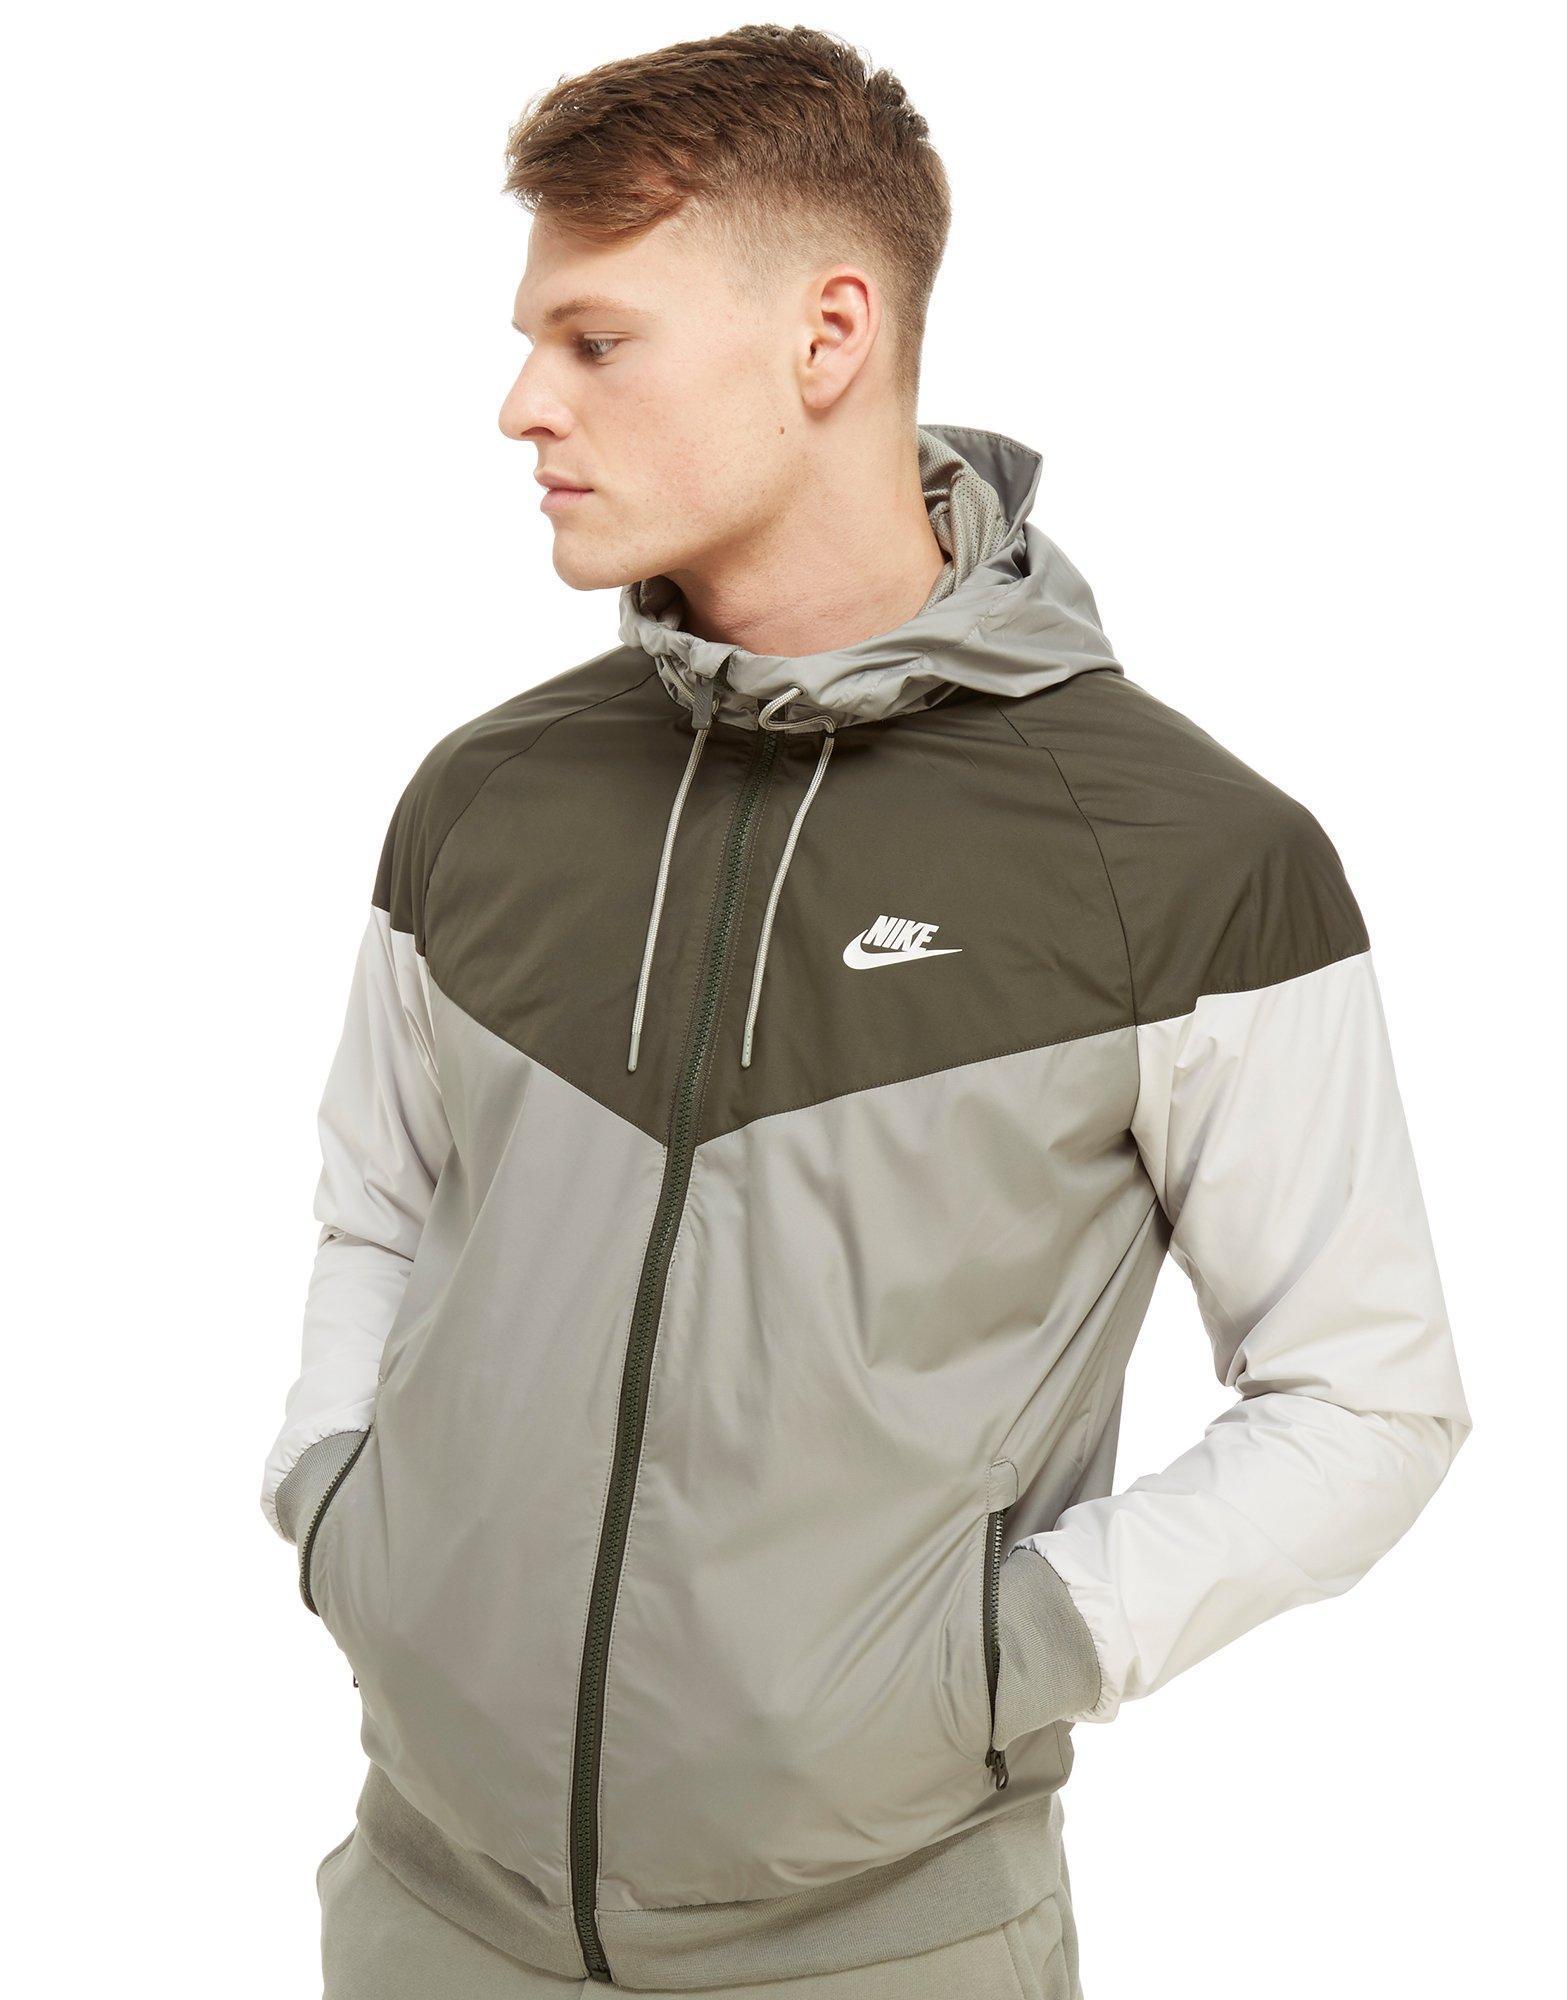 742e6ccb83e0 Lyst - Nike Windrunner Lightweight Jacket for Men